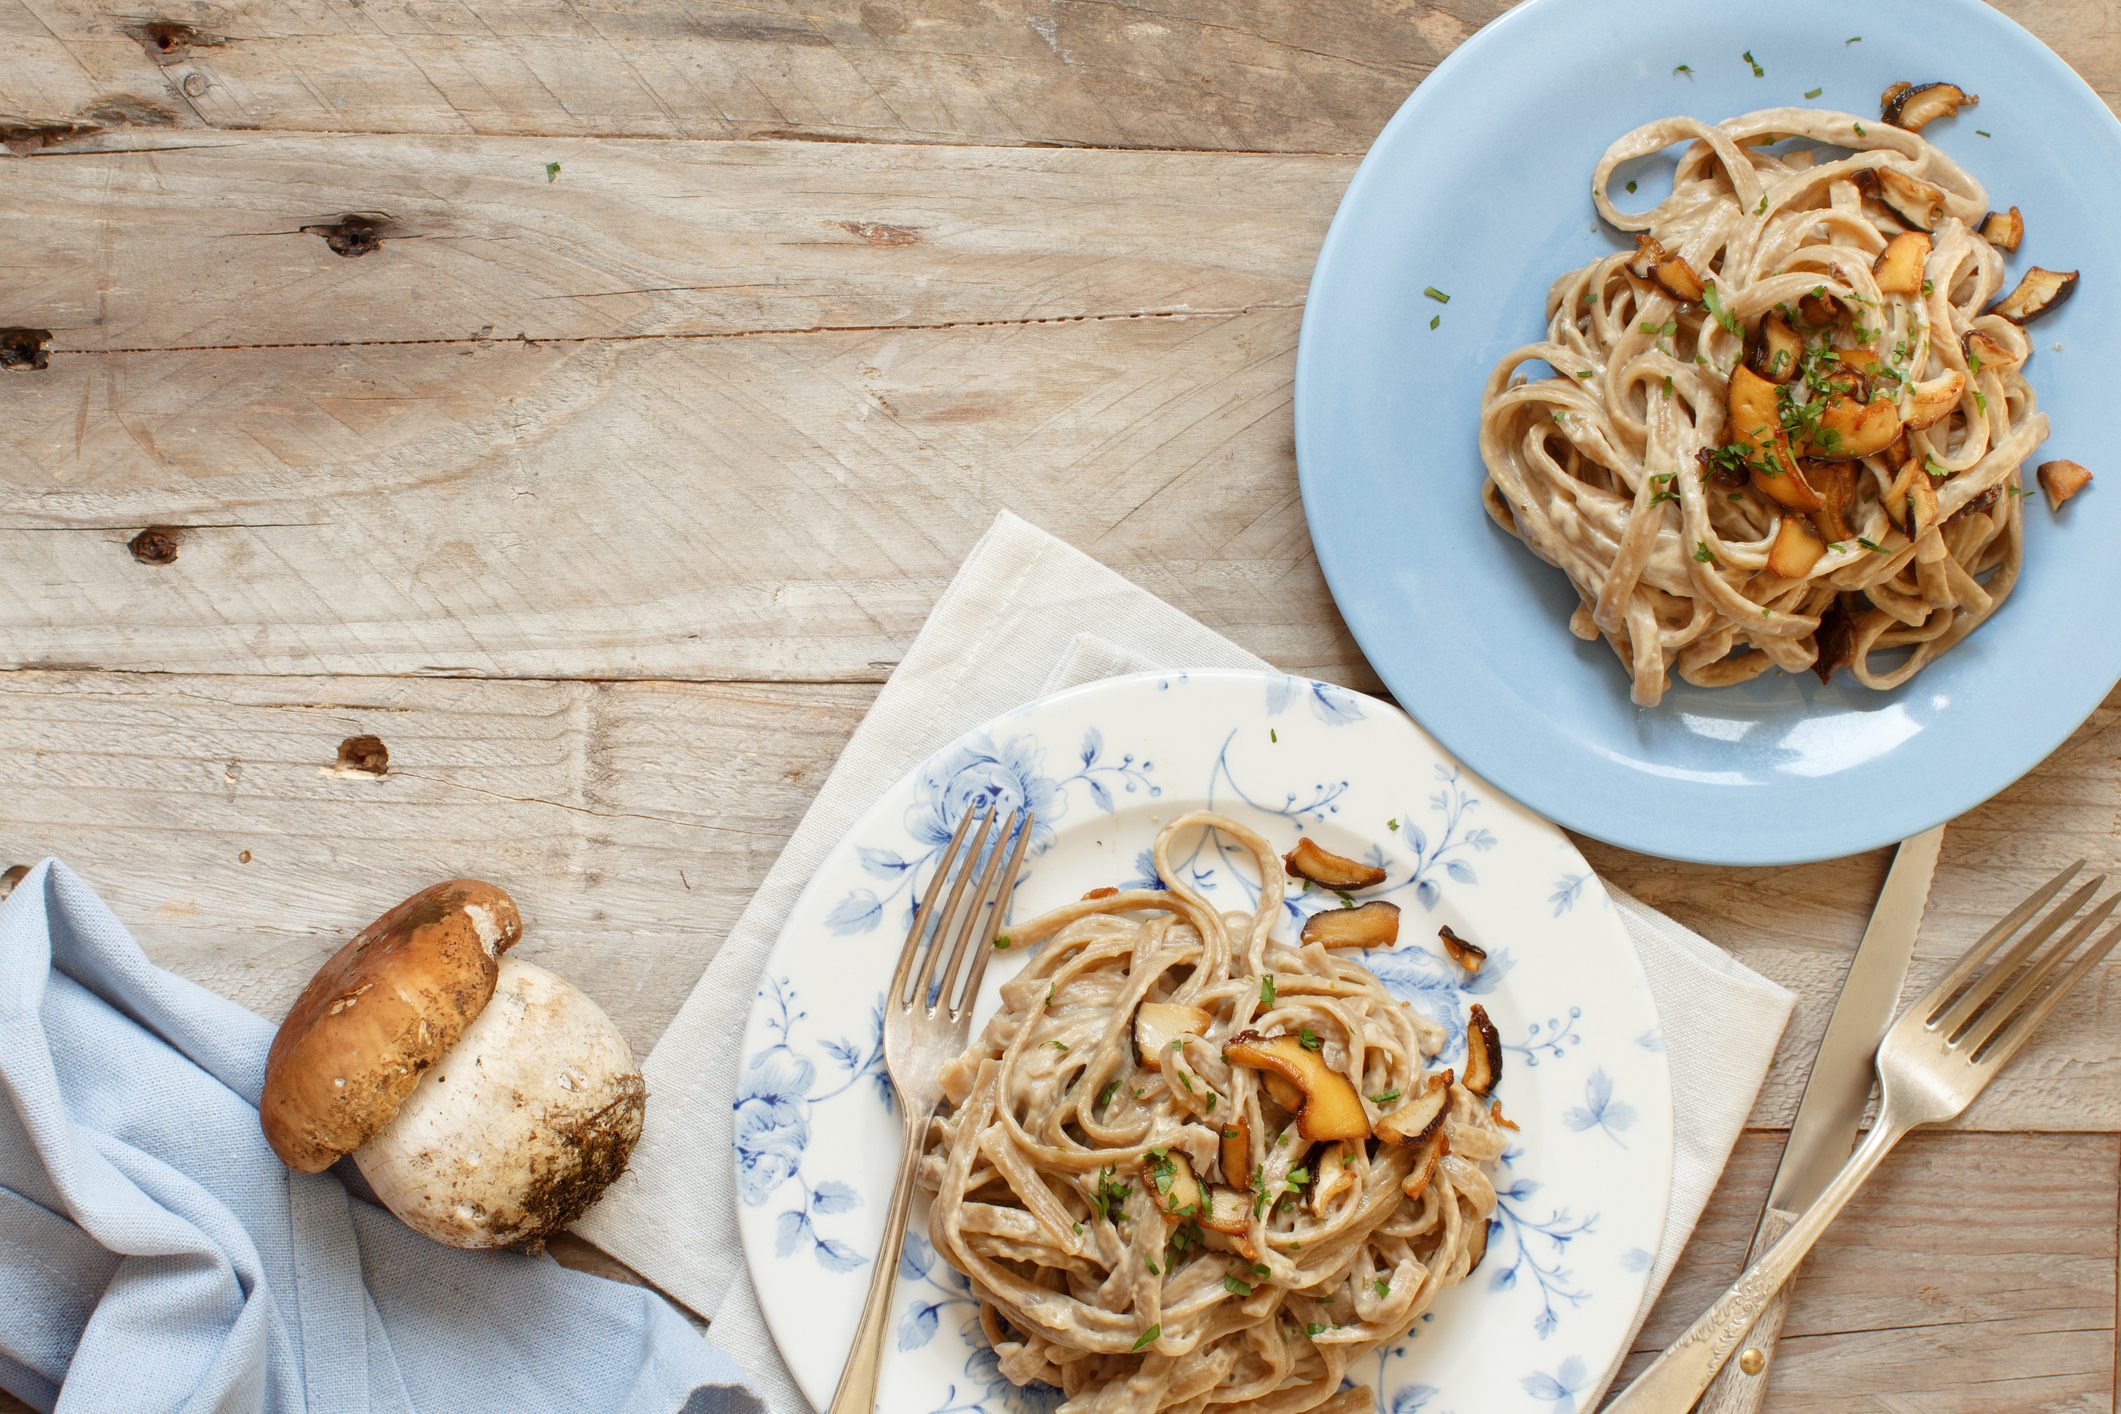 Prato com massa integral e cogumelos